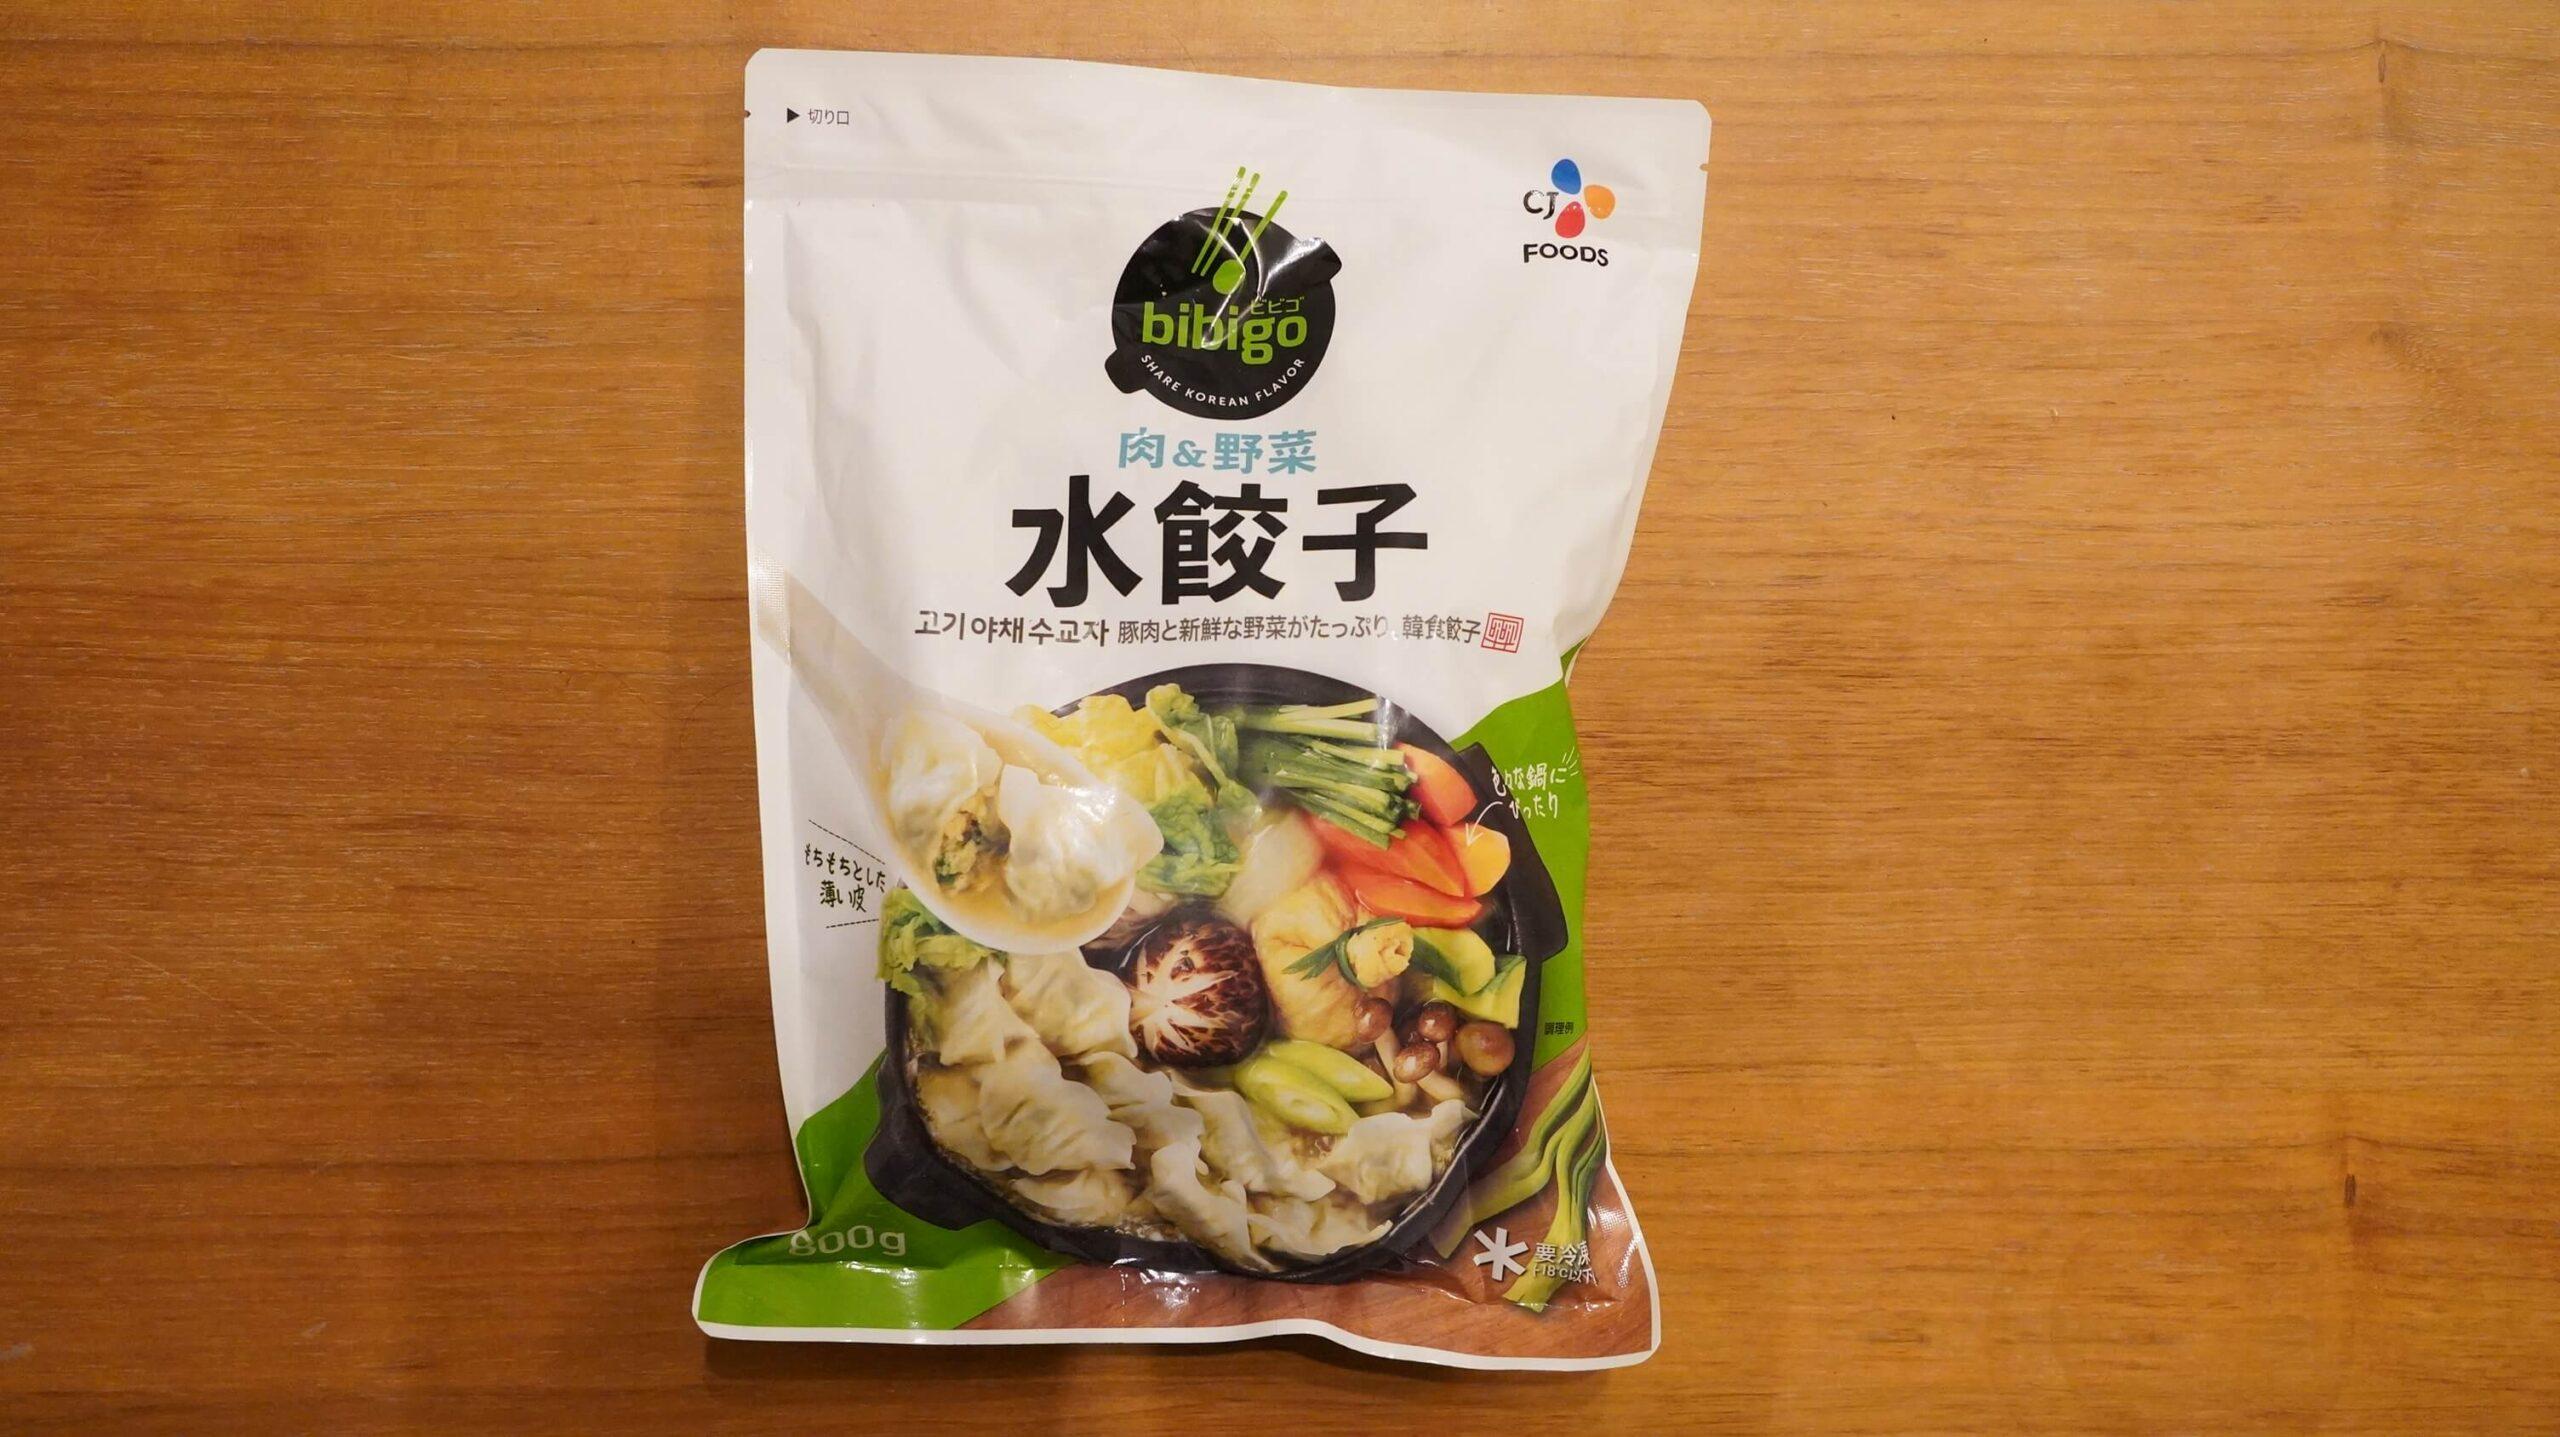 コストコの冷凍食品「ビビゴ 水餃子」のパッケージの写真